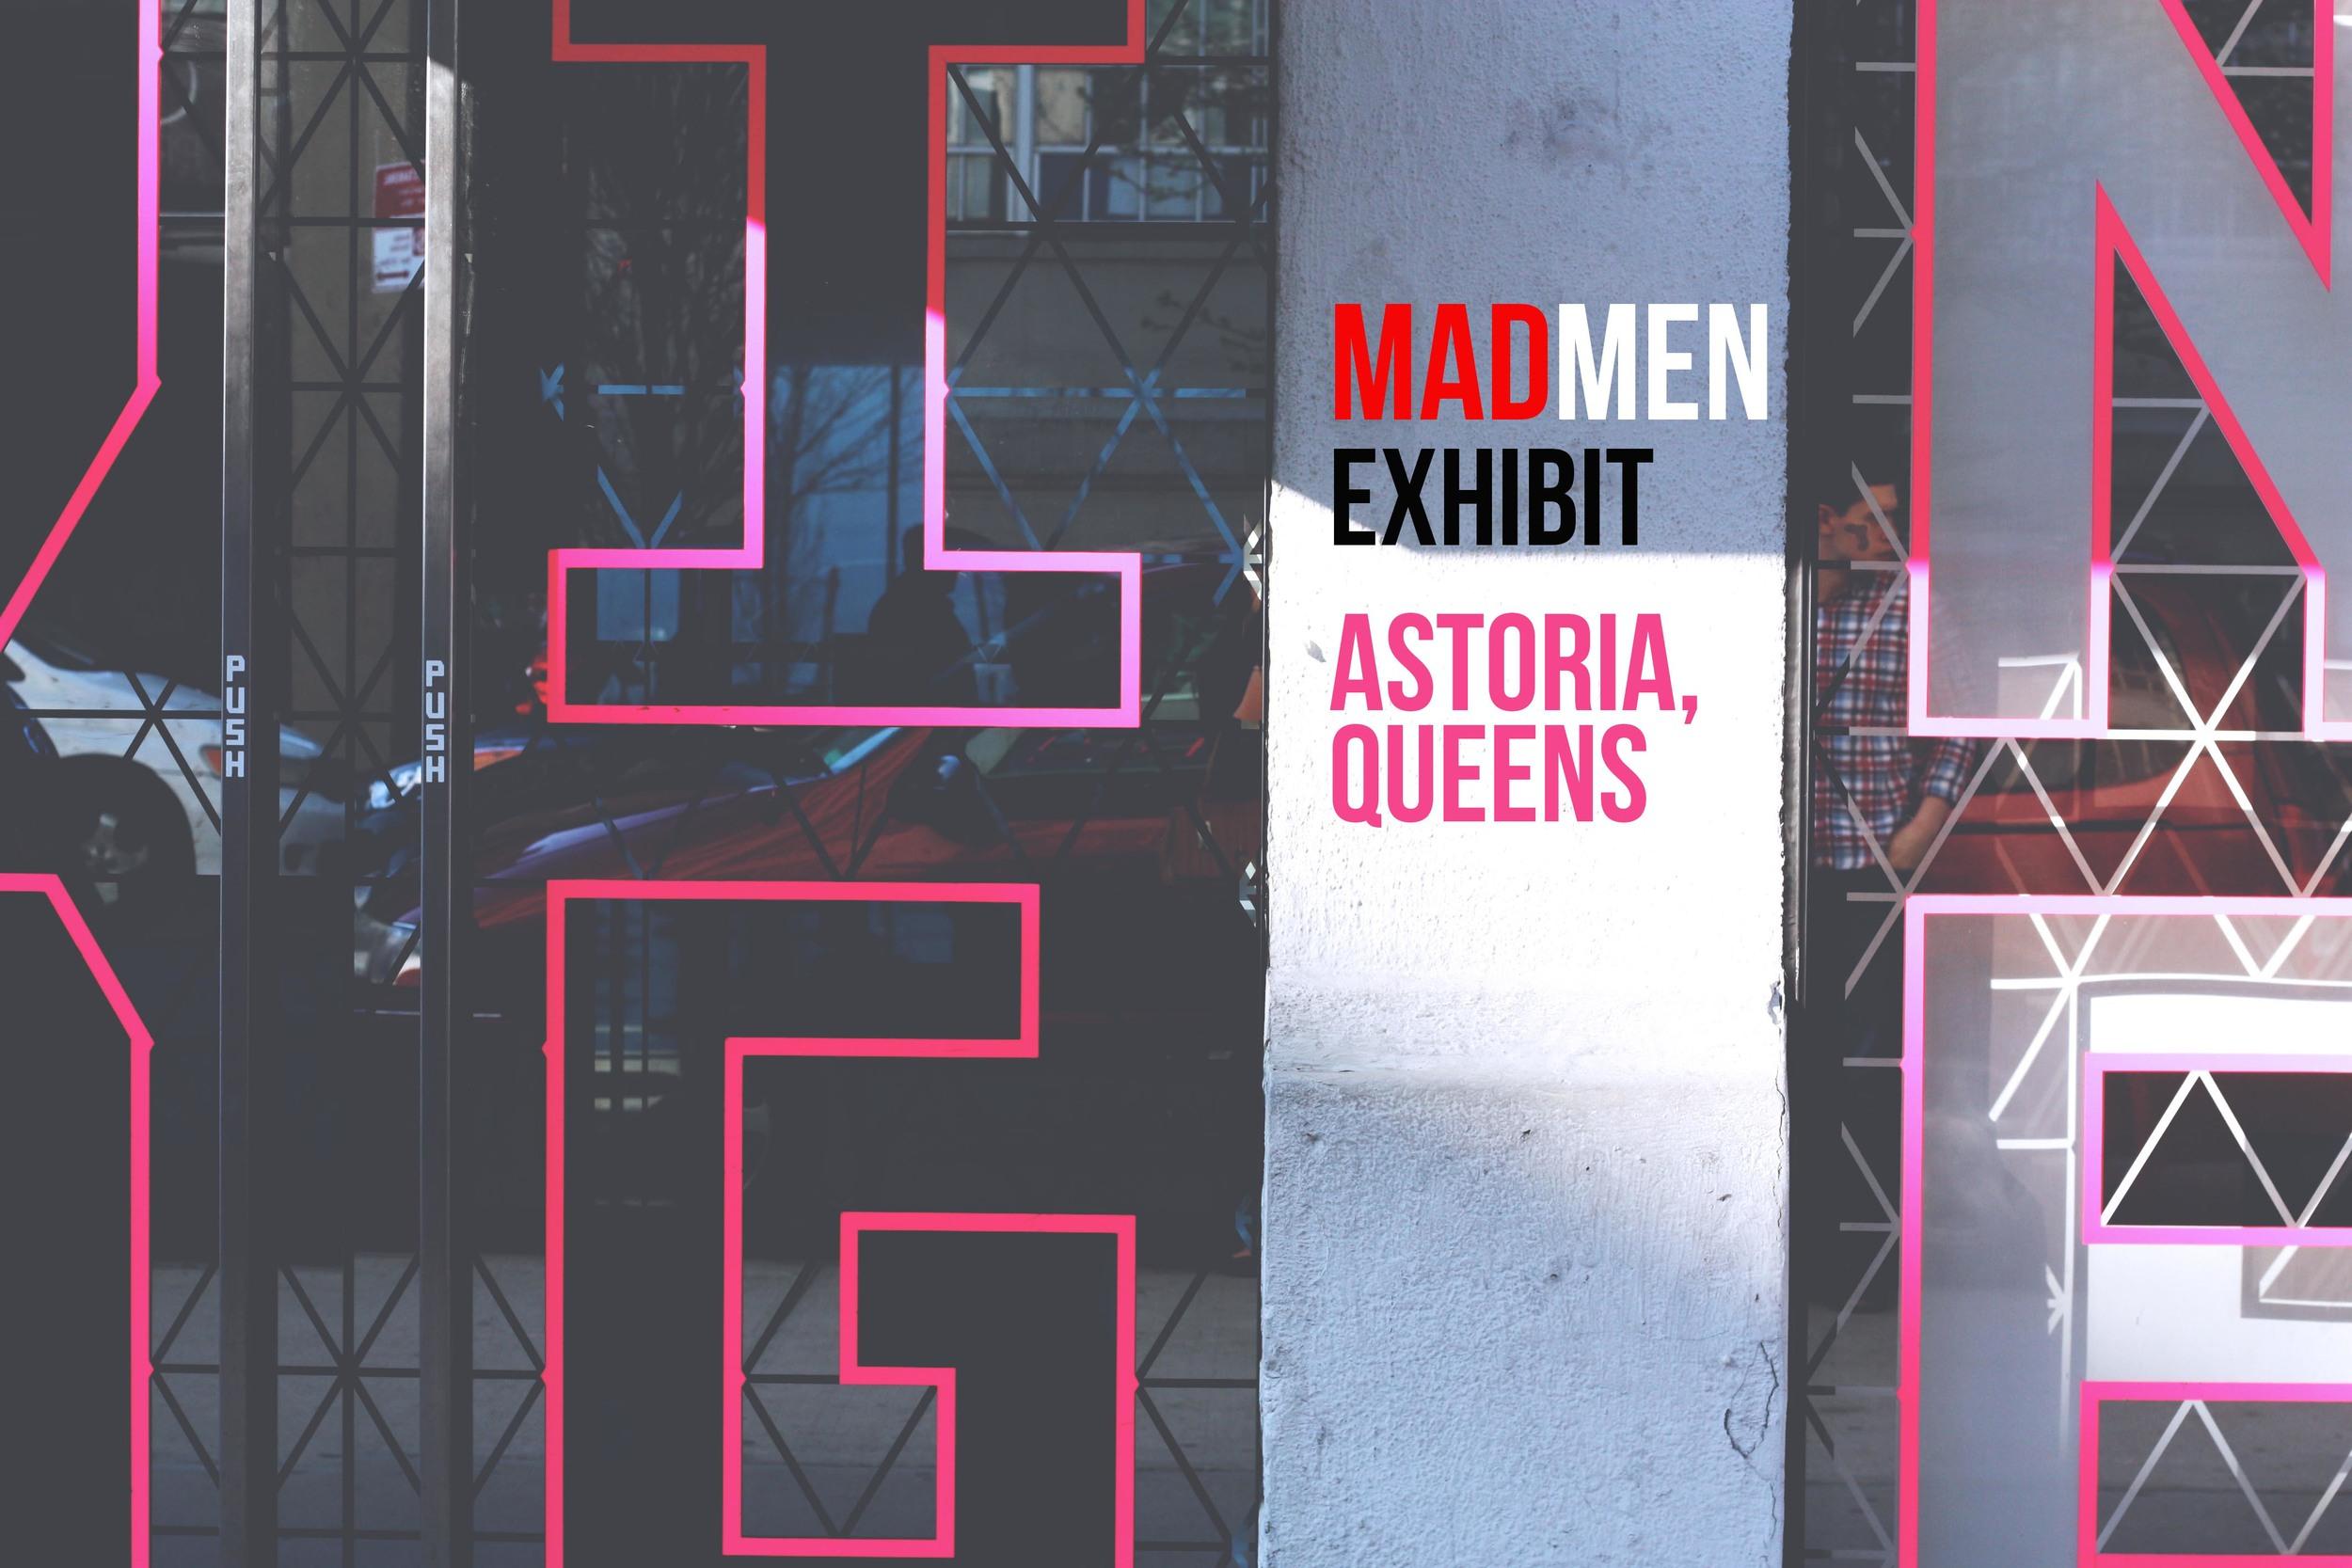 mad-men-exhibit-astoria